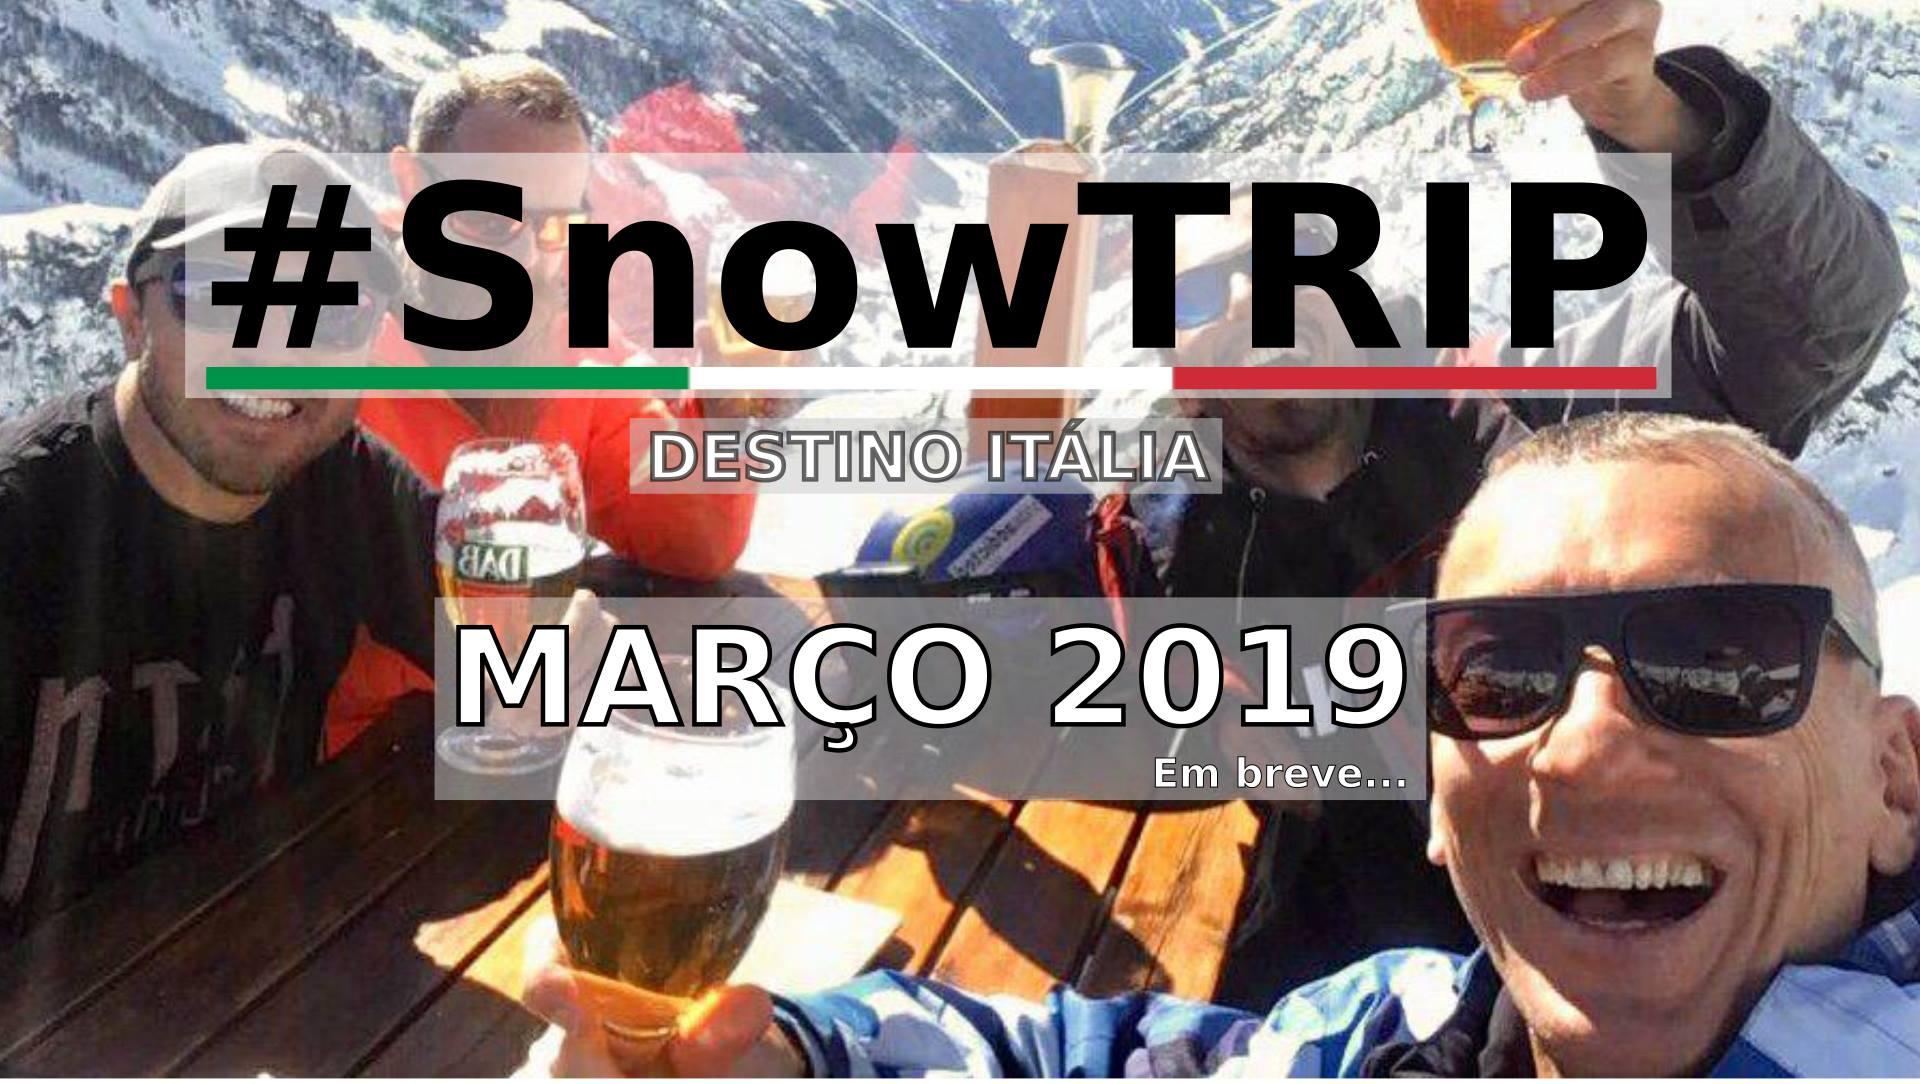 SnowTRIP – Destino Itália